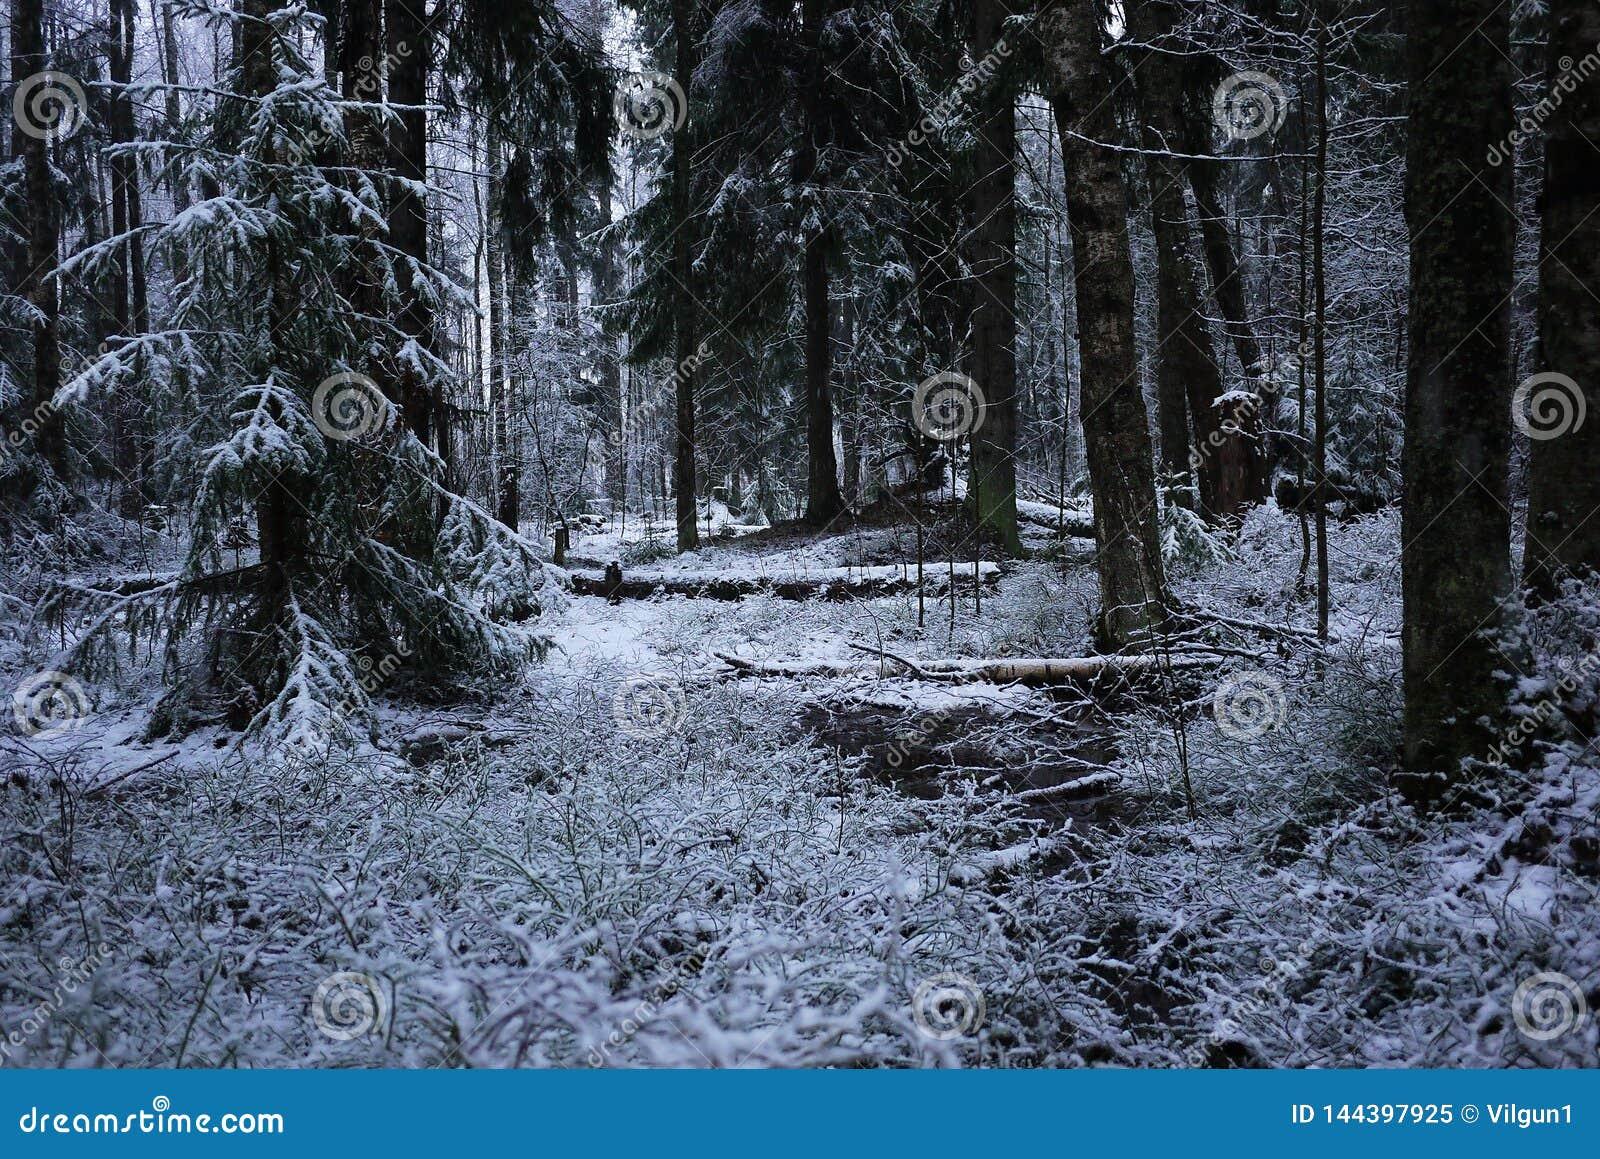 Snönedgångar i skogen med träd Intensiv snö täcker ögonblickligen yttersidan av skog- och trädfilialerna med ett lager av sno